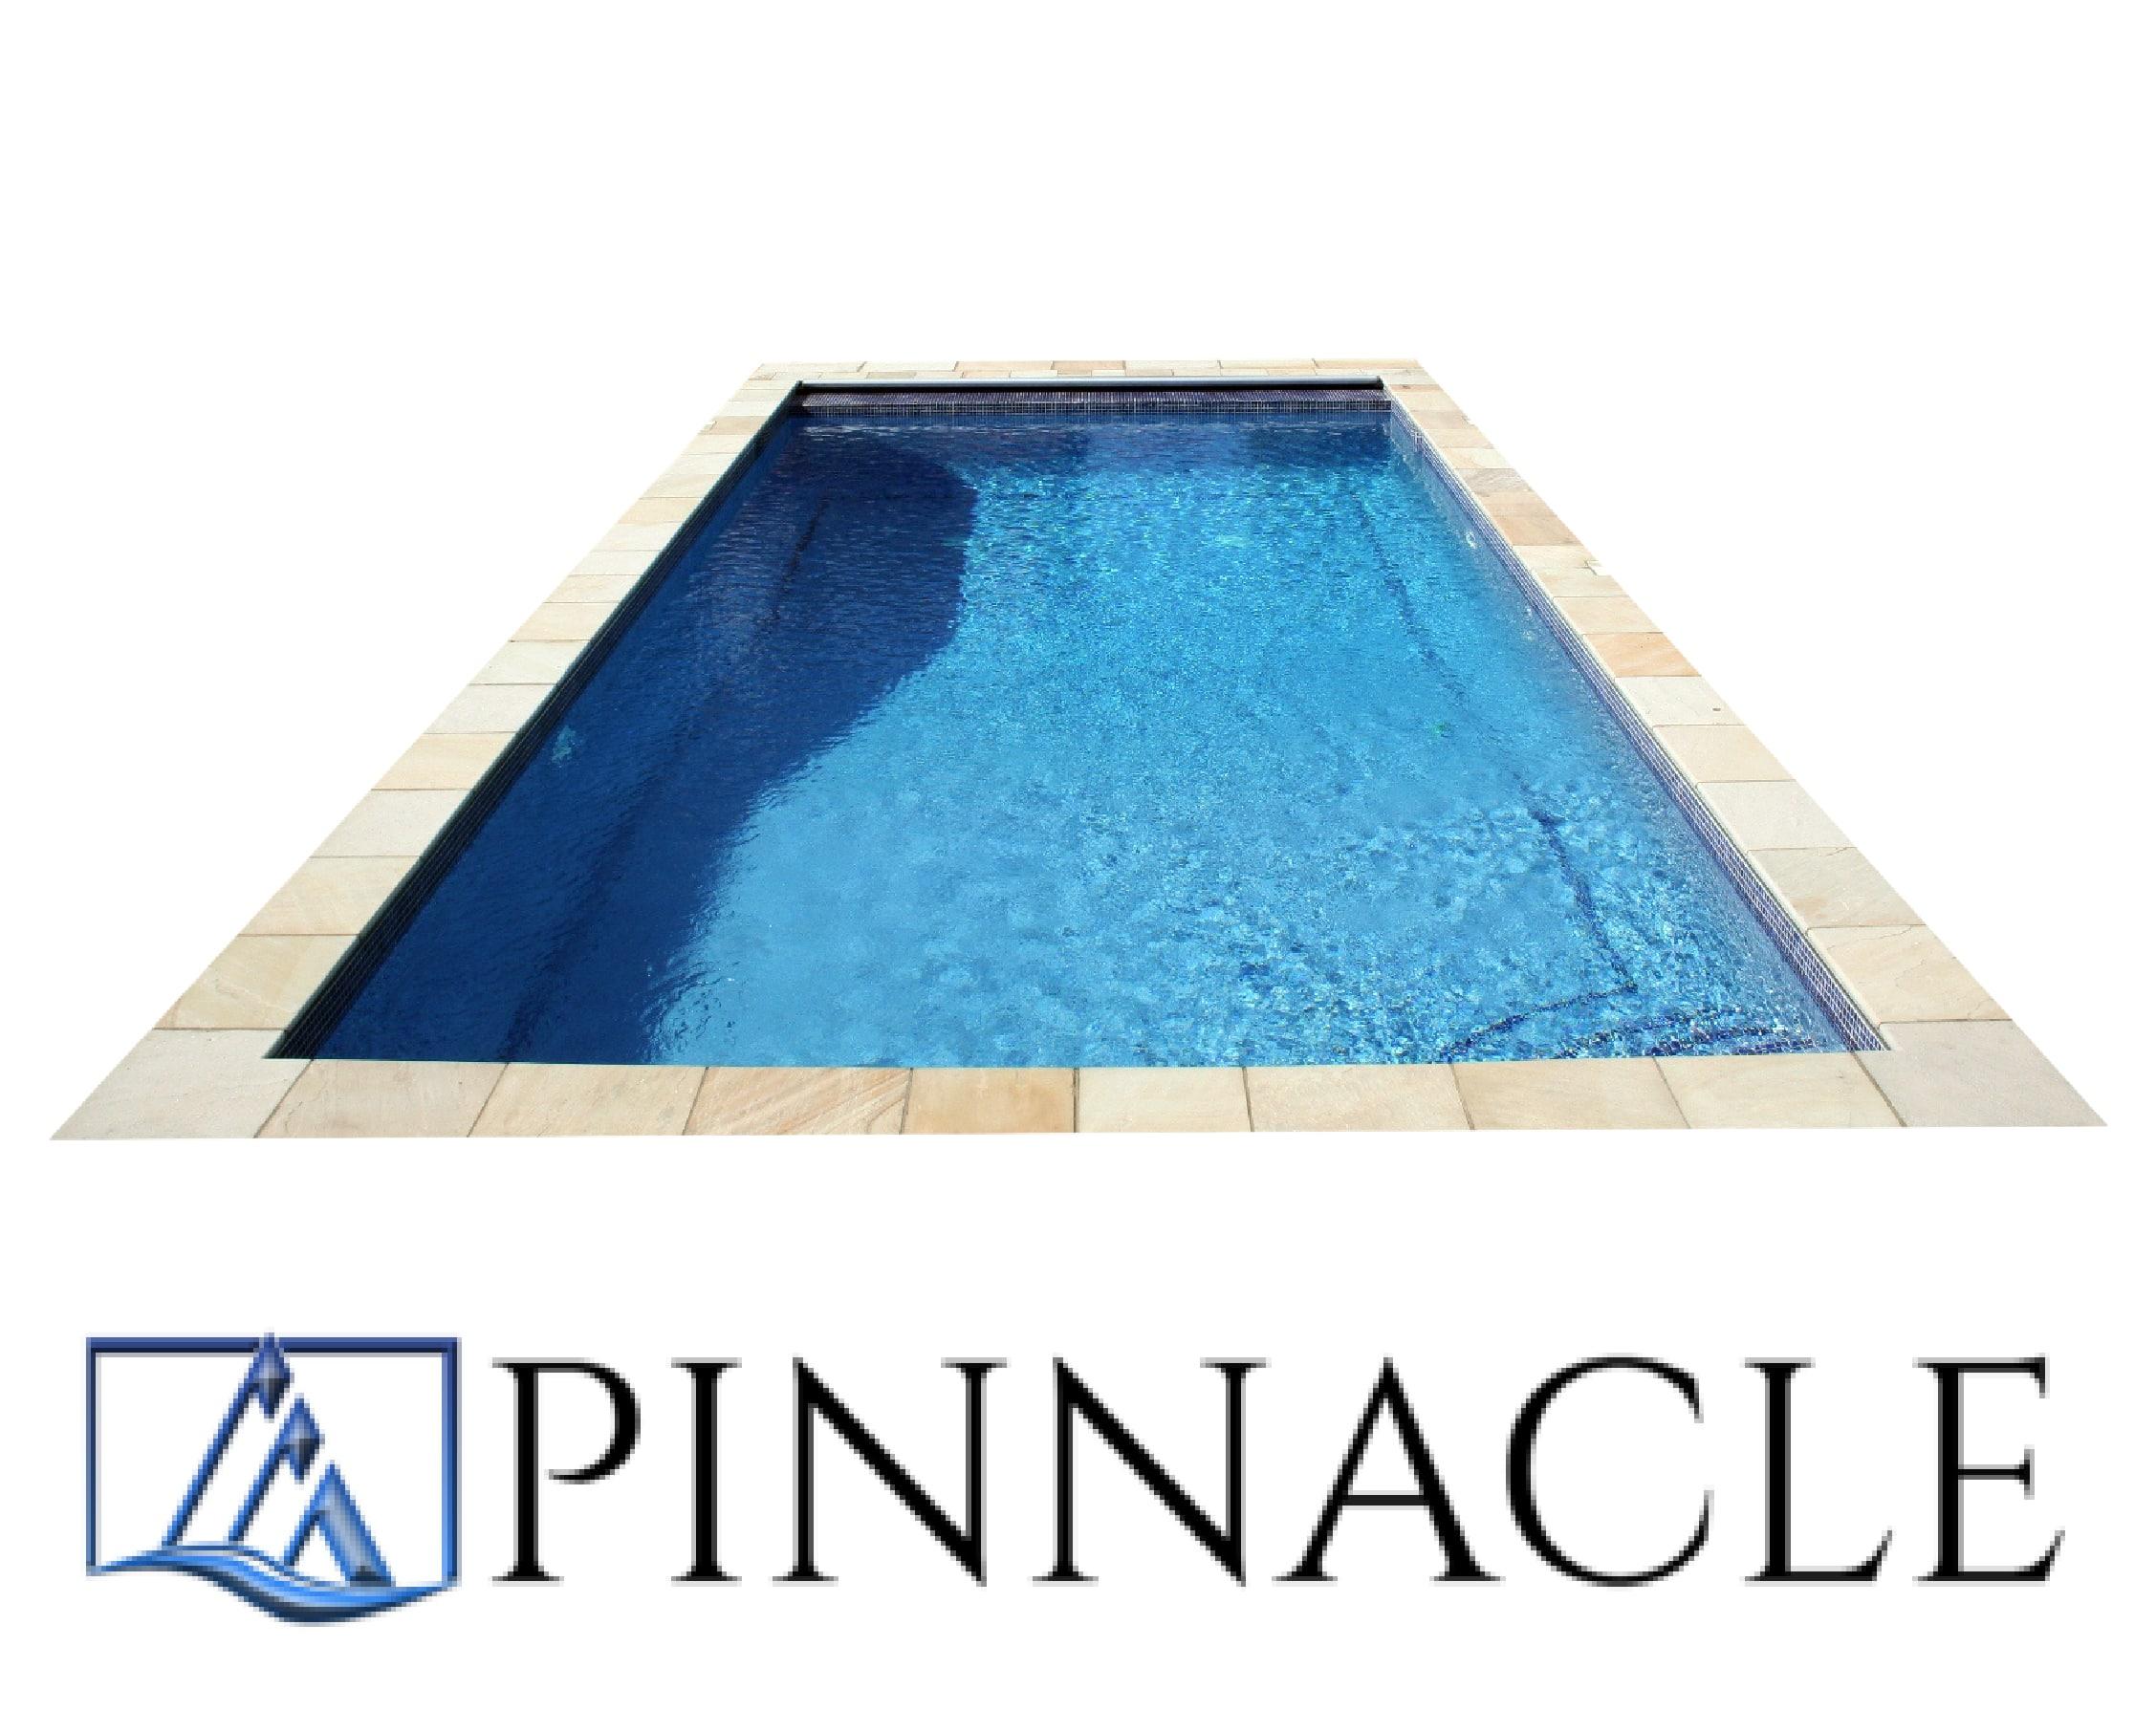 Pinnacle Pools